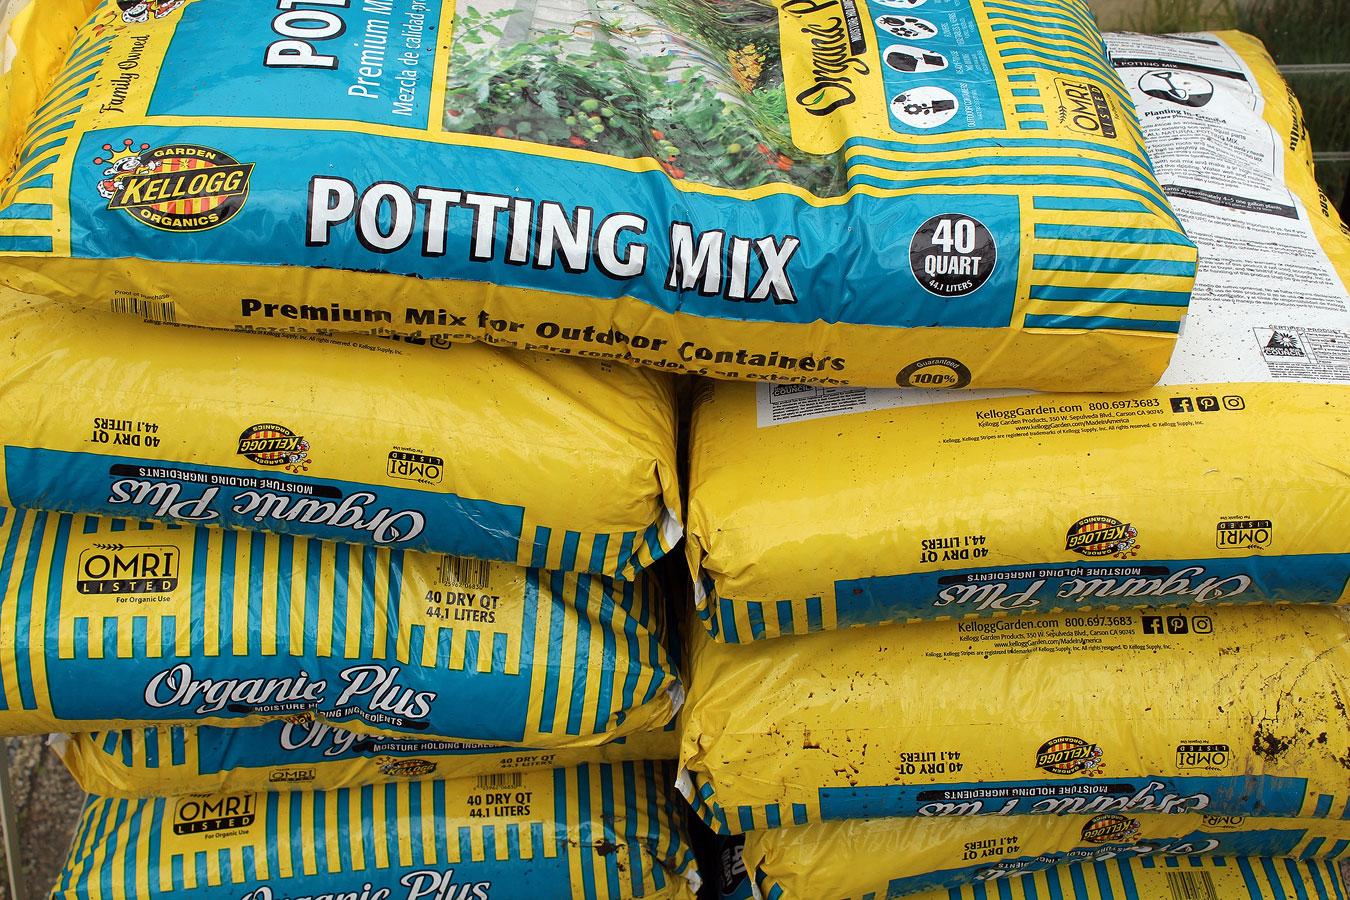 Bags of potting mix